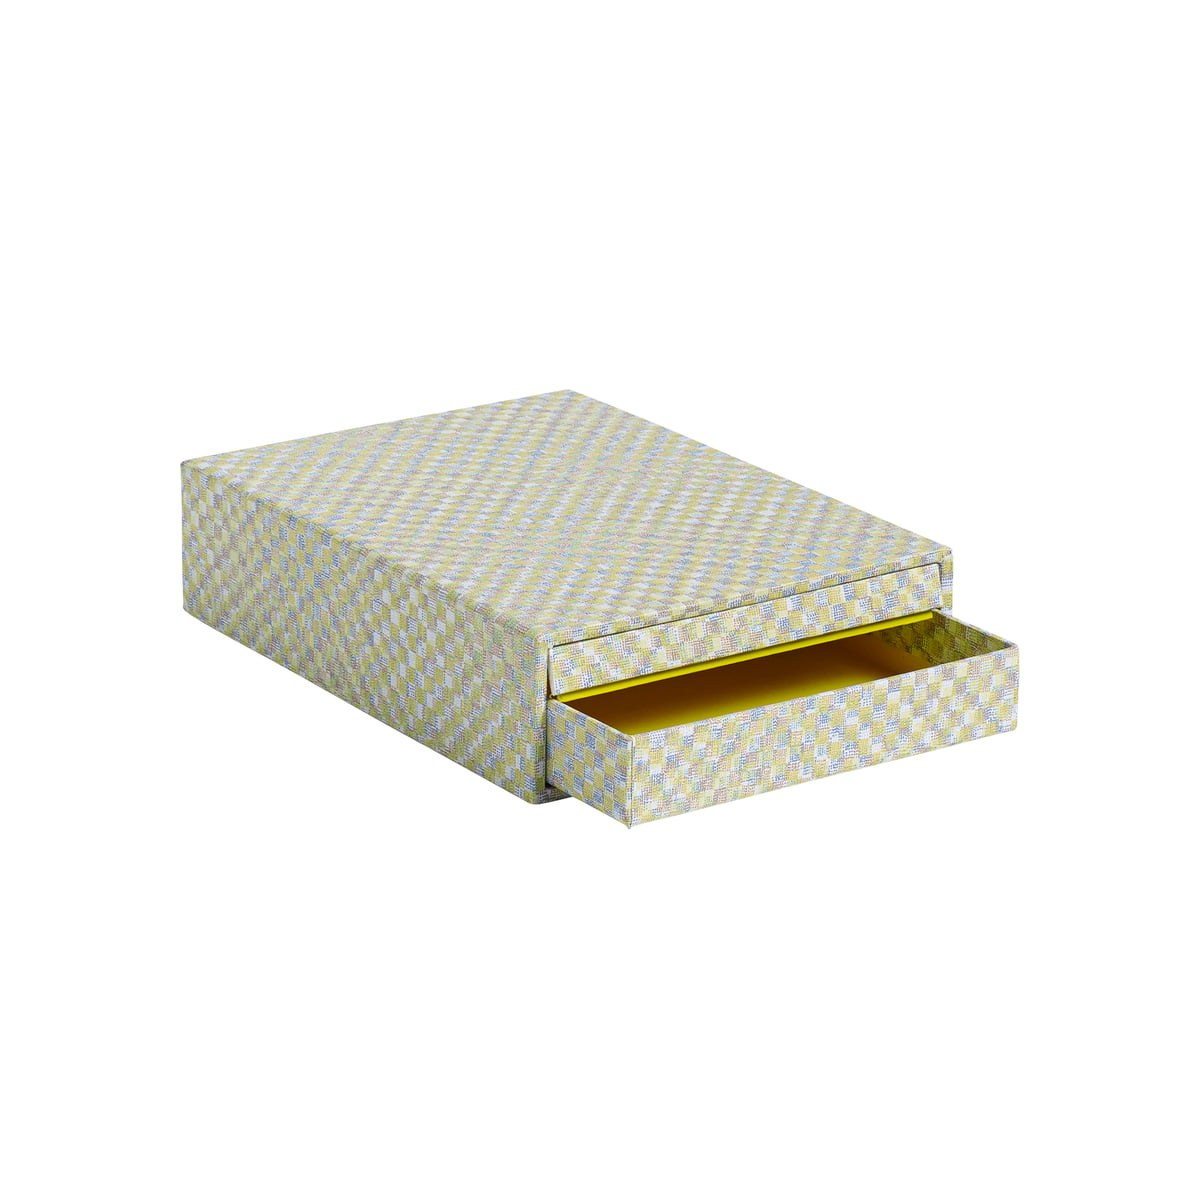 Connox Wohndesign Erfahrungen: Letter Box Von Hay Im Wohndesign-Shop